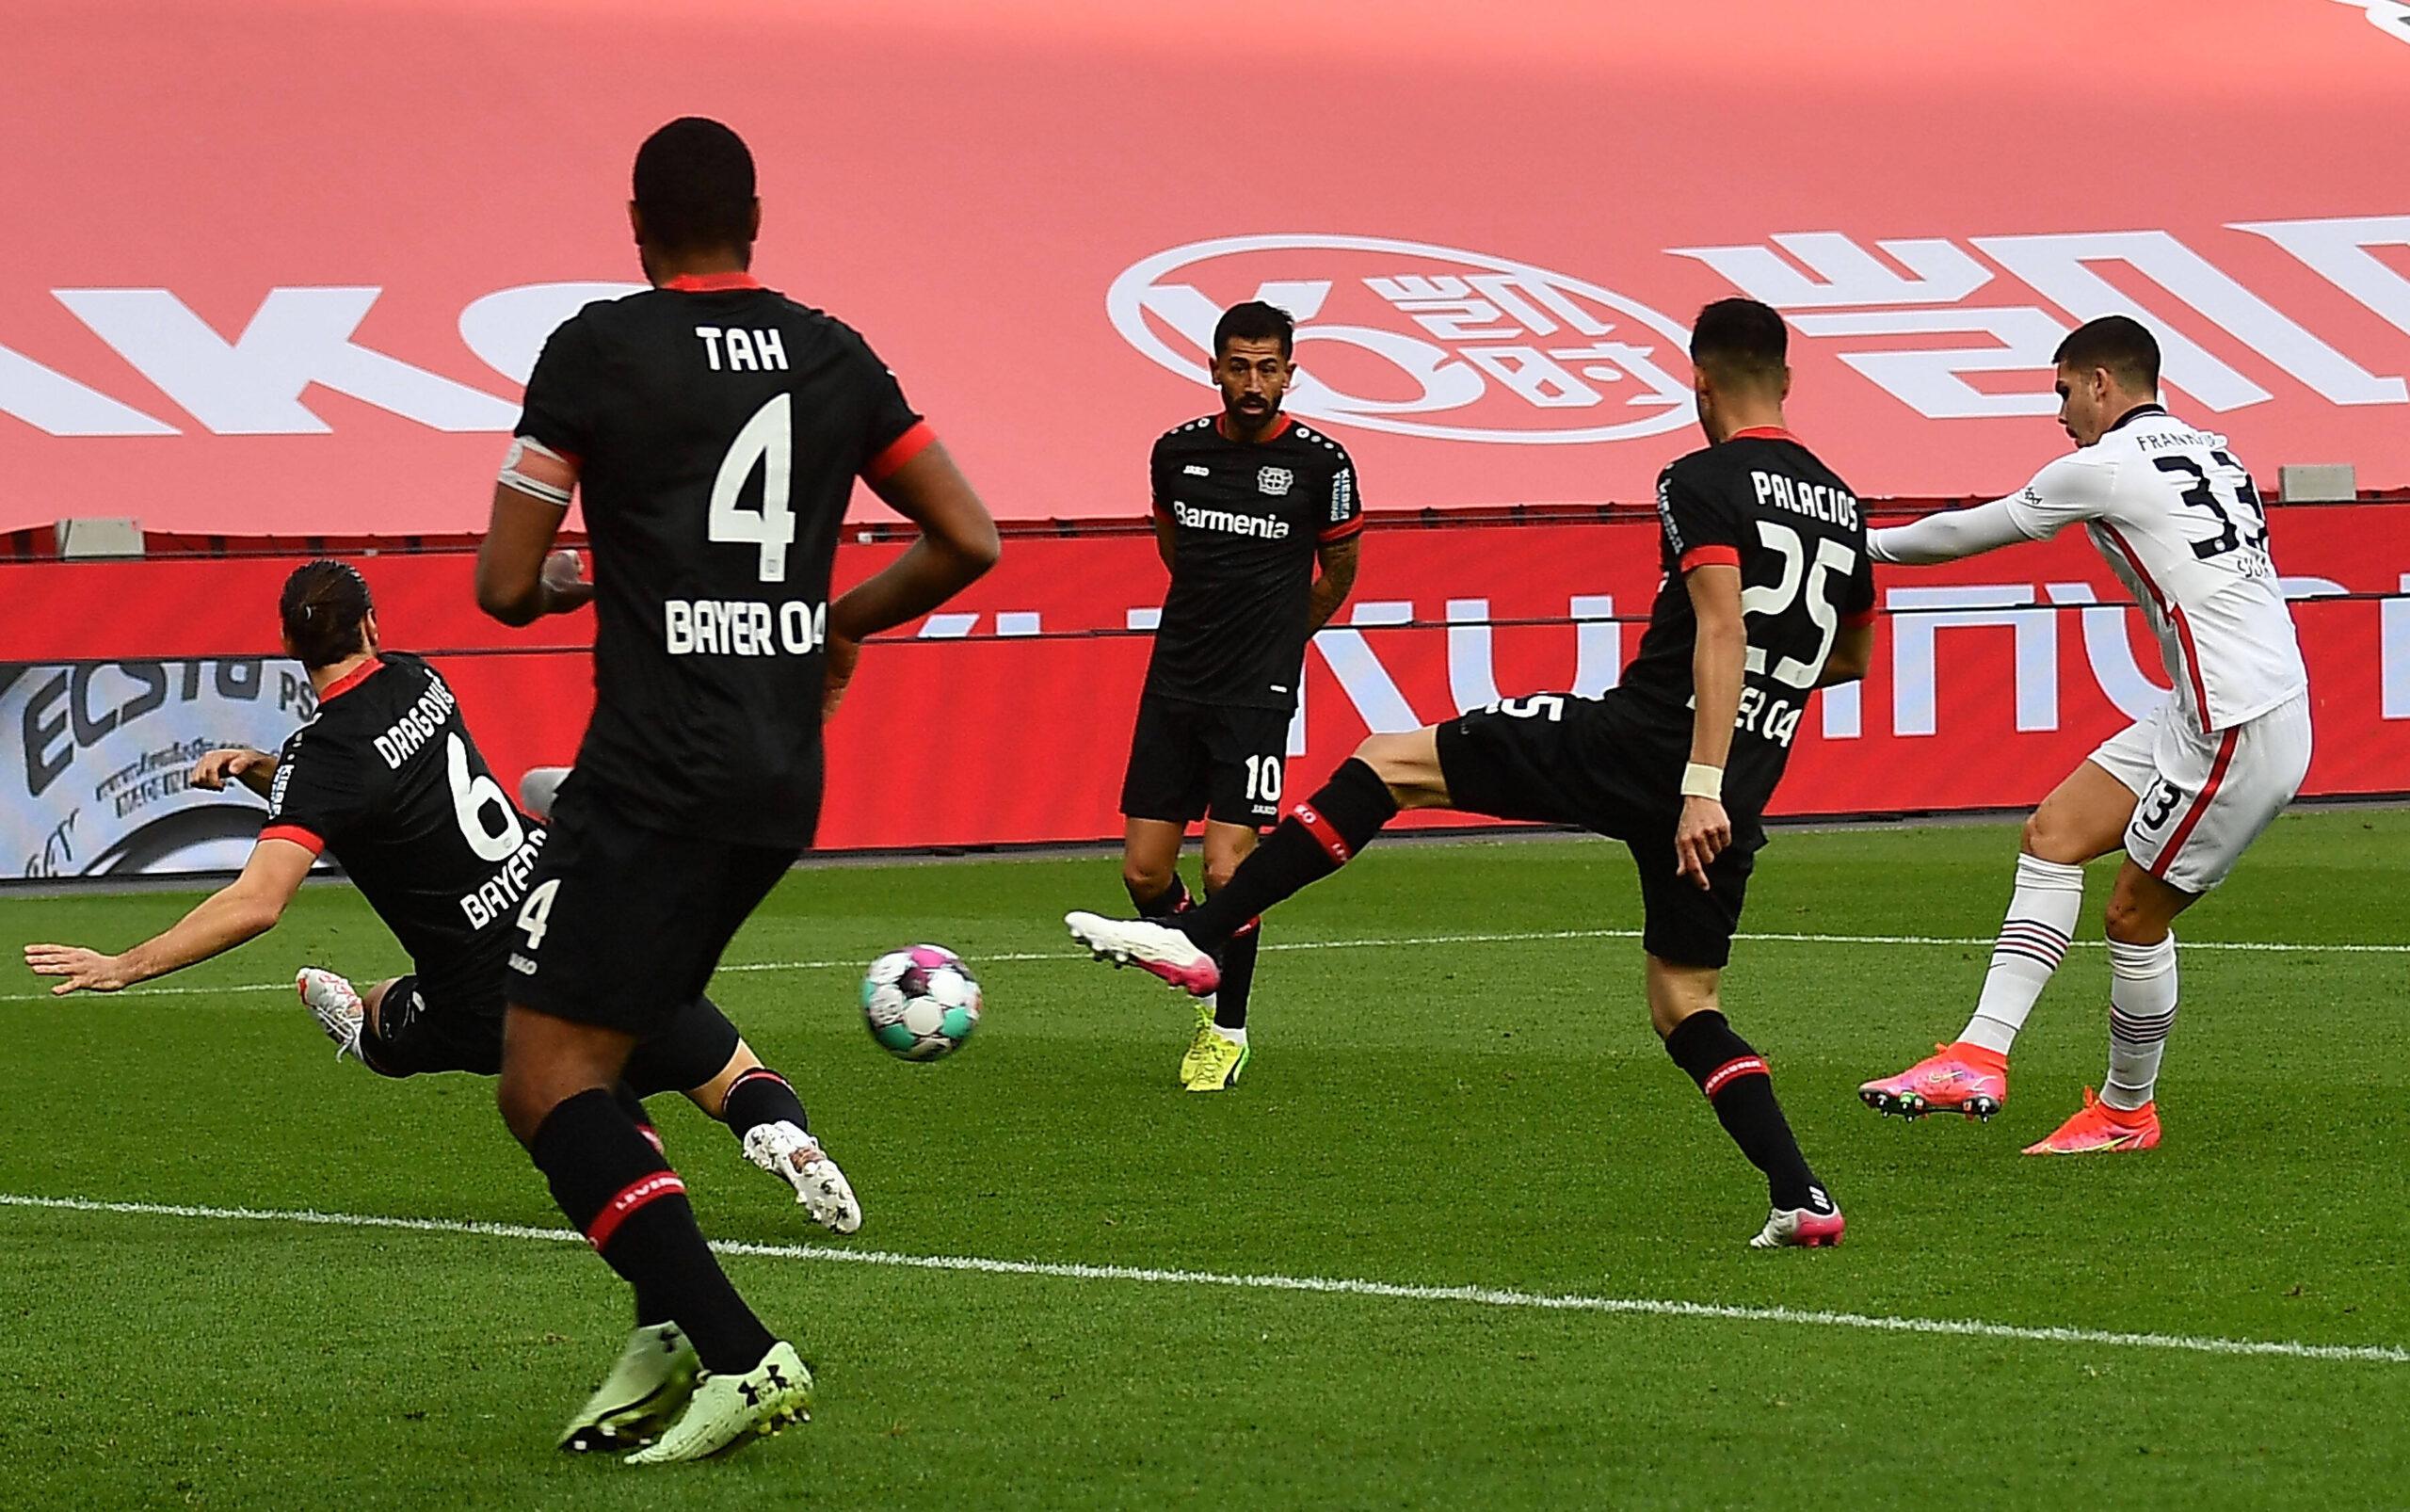 Fichajes: En Alemania aseguran que Atlético y Eintracht ya negocian